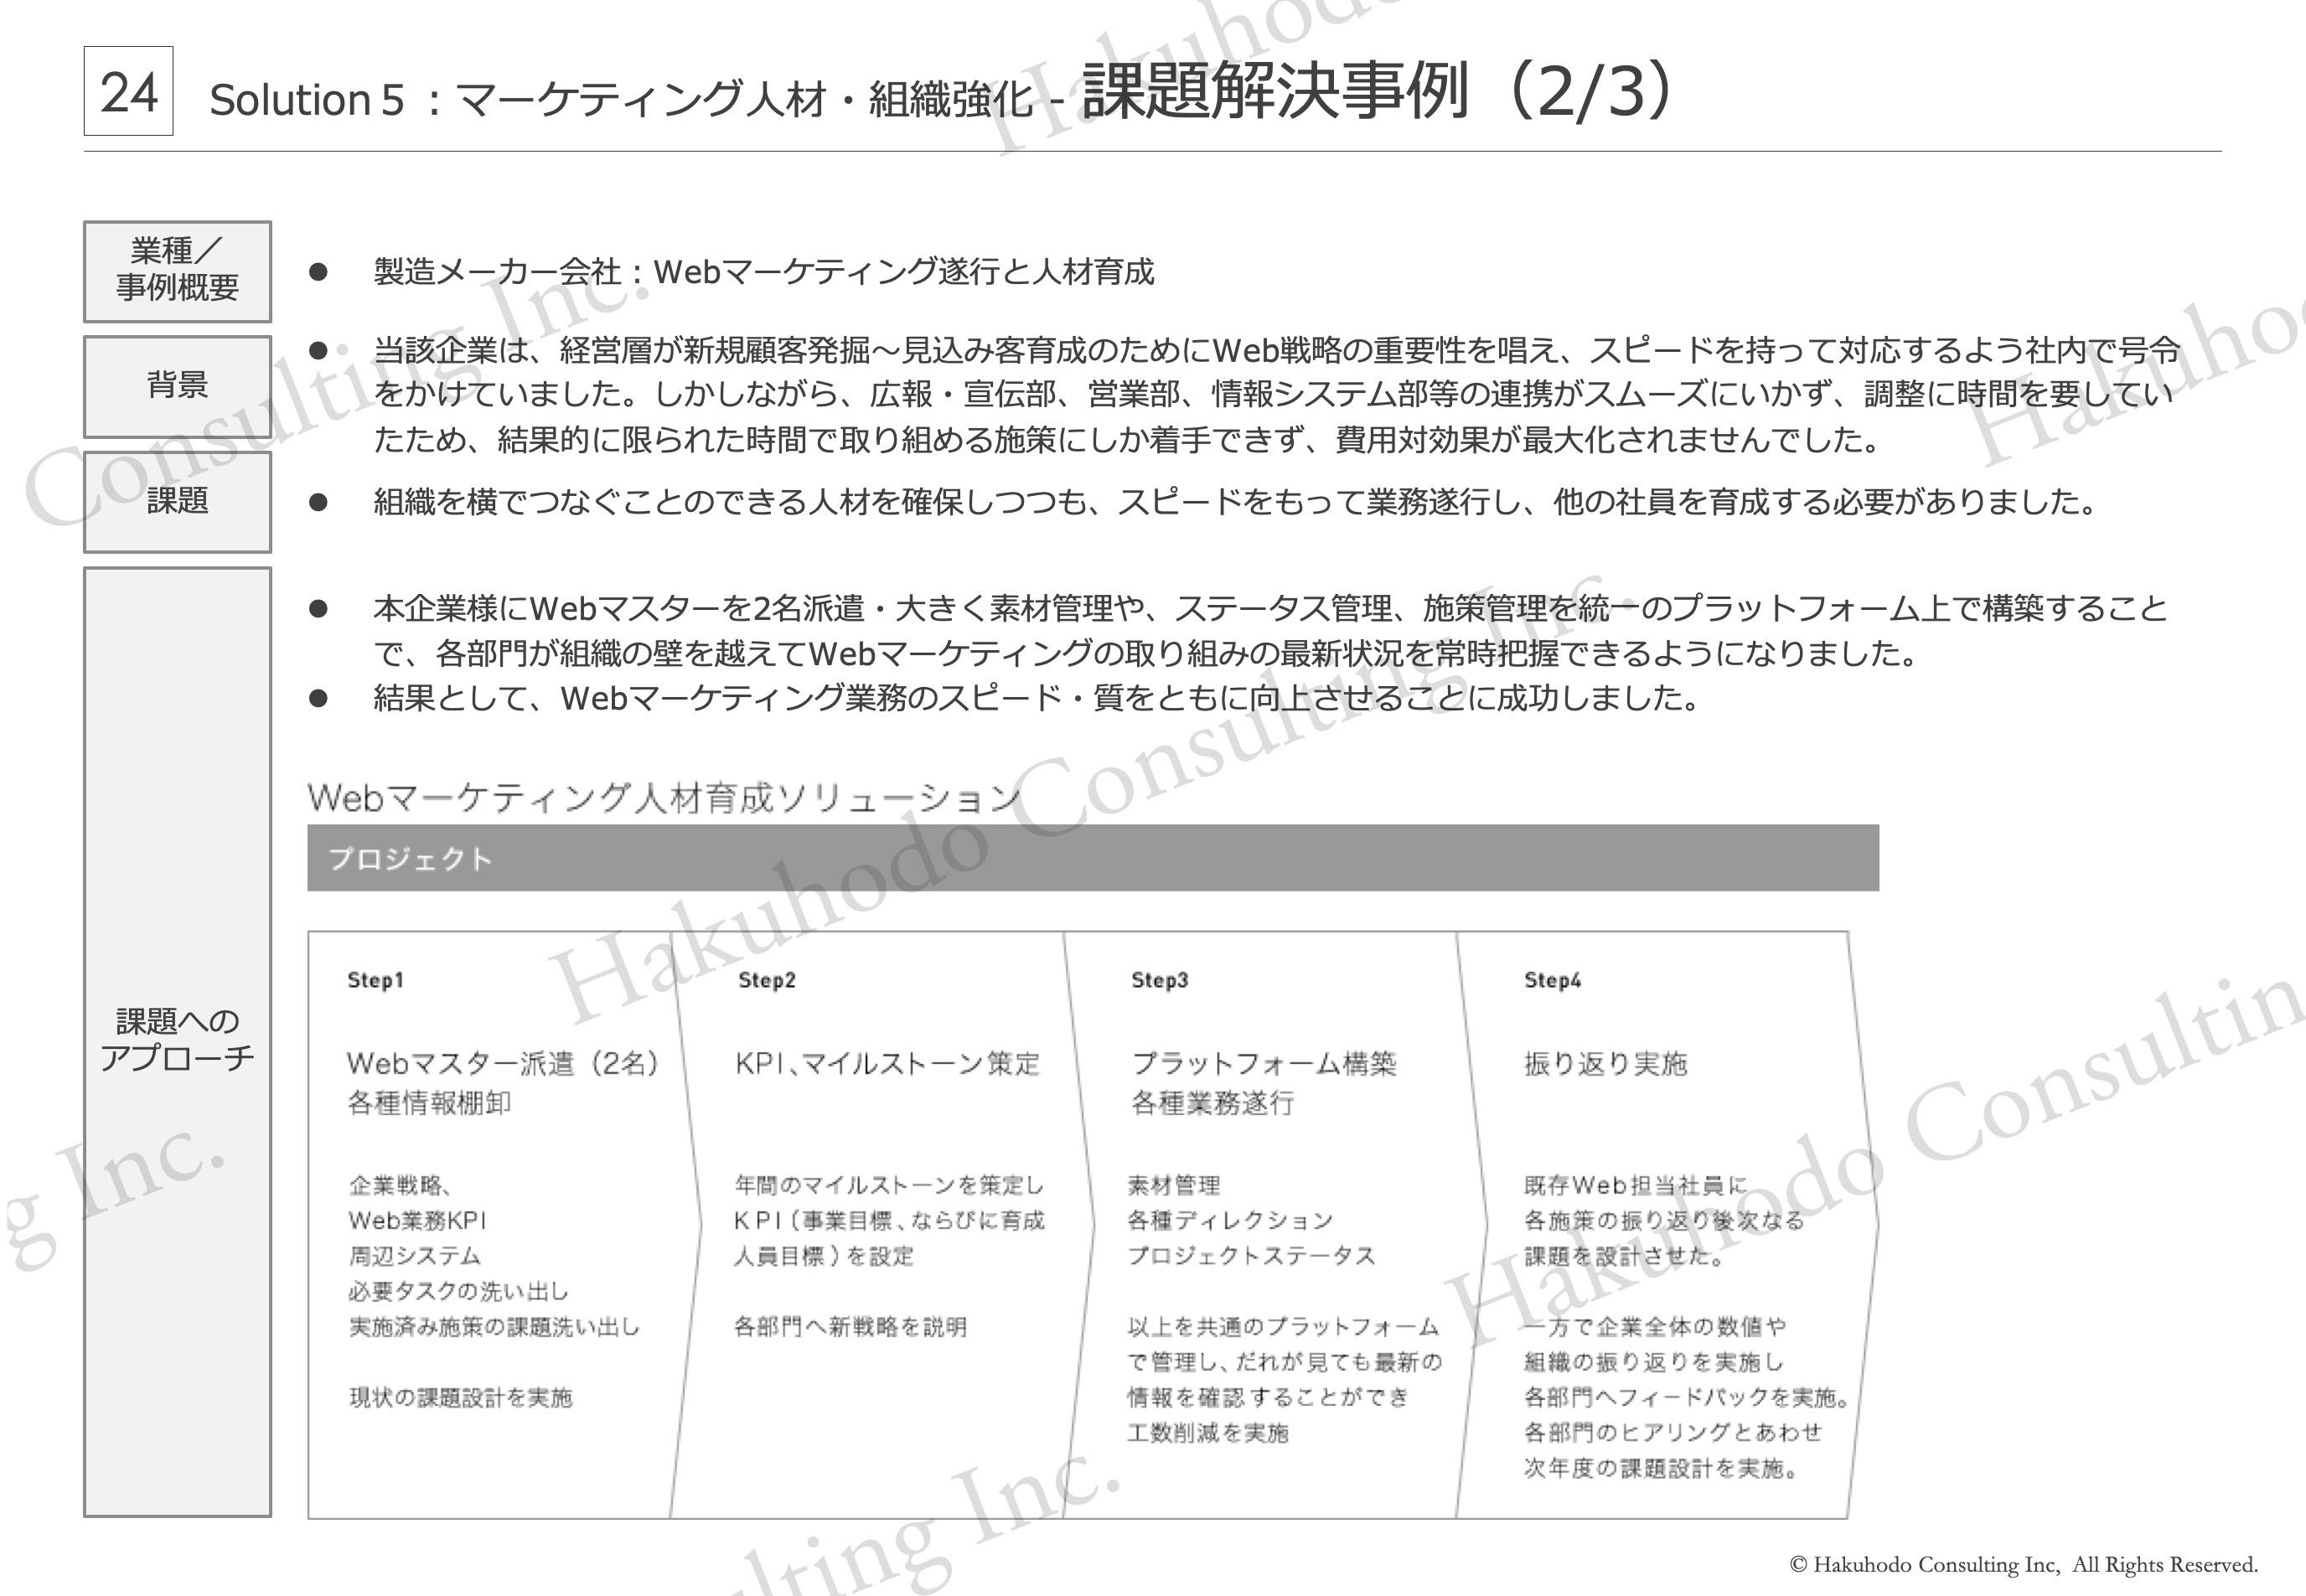 マーケティング人材・組織強化- 課題解決事例(2/3)